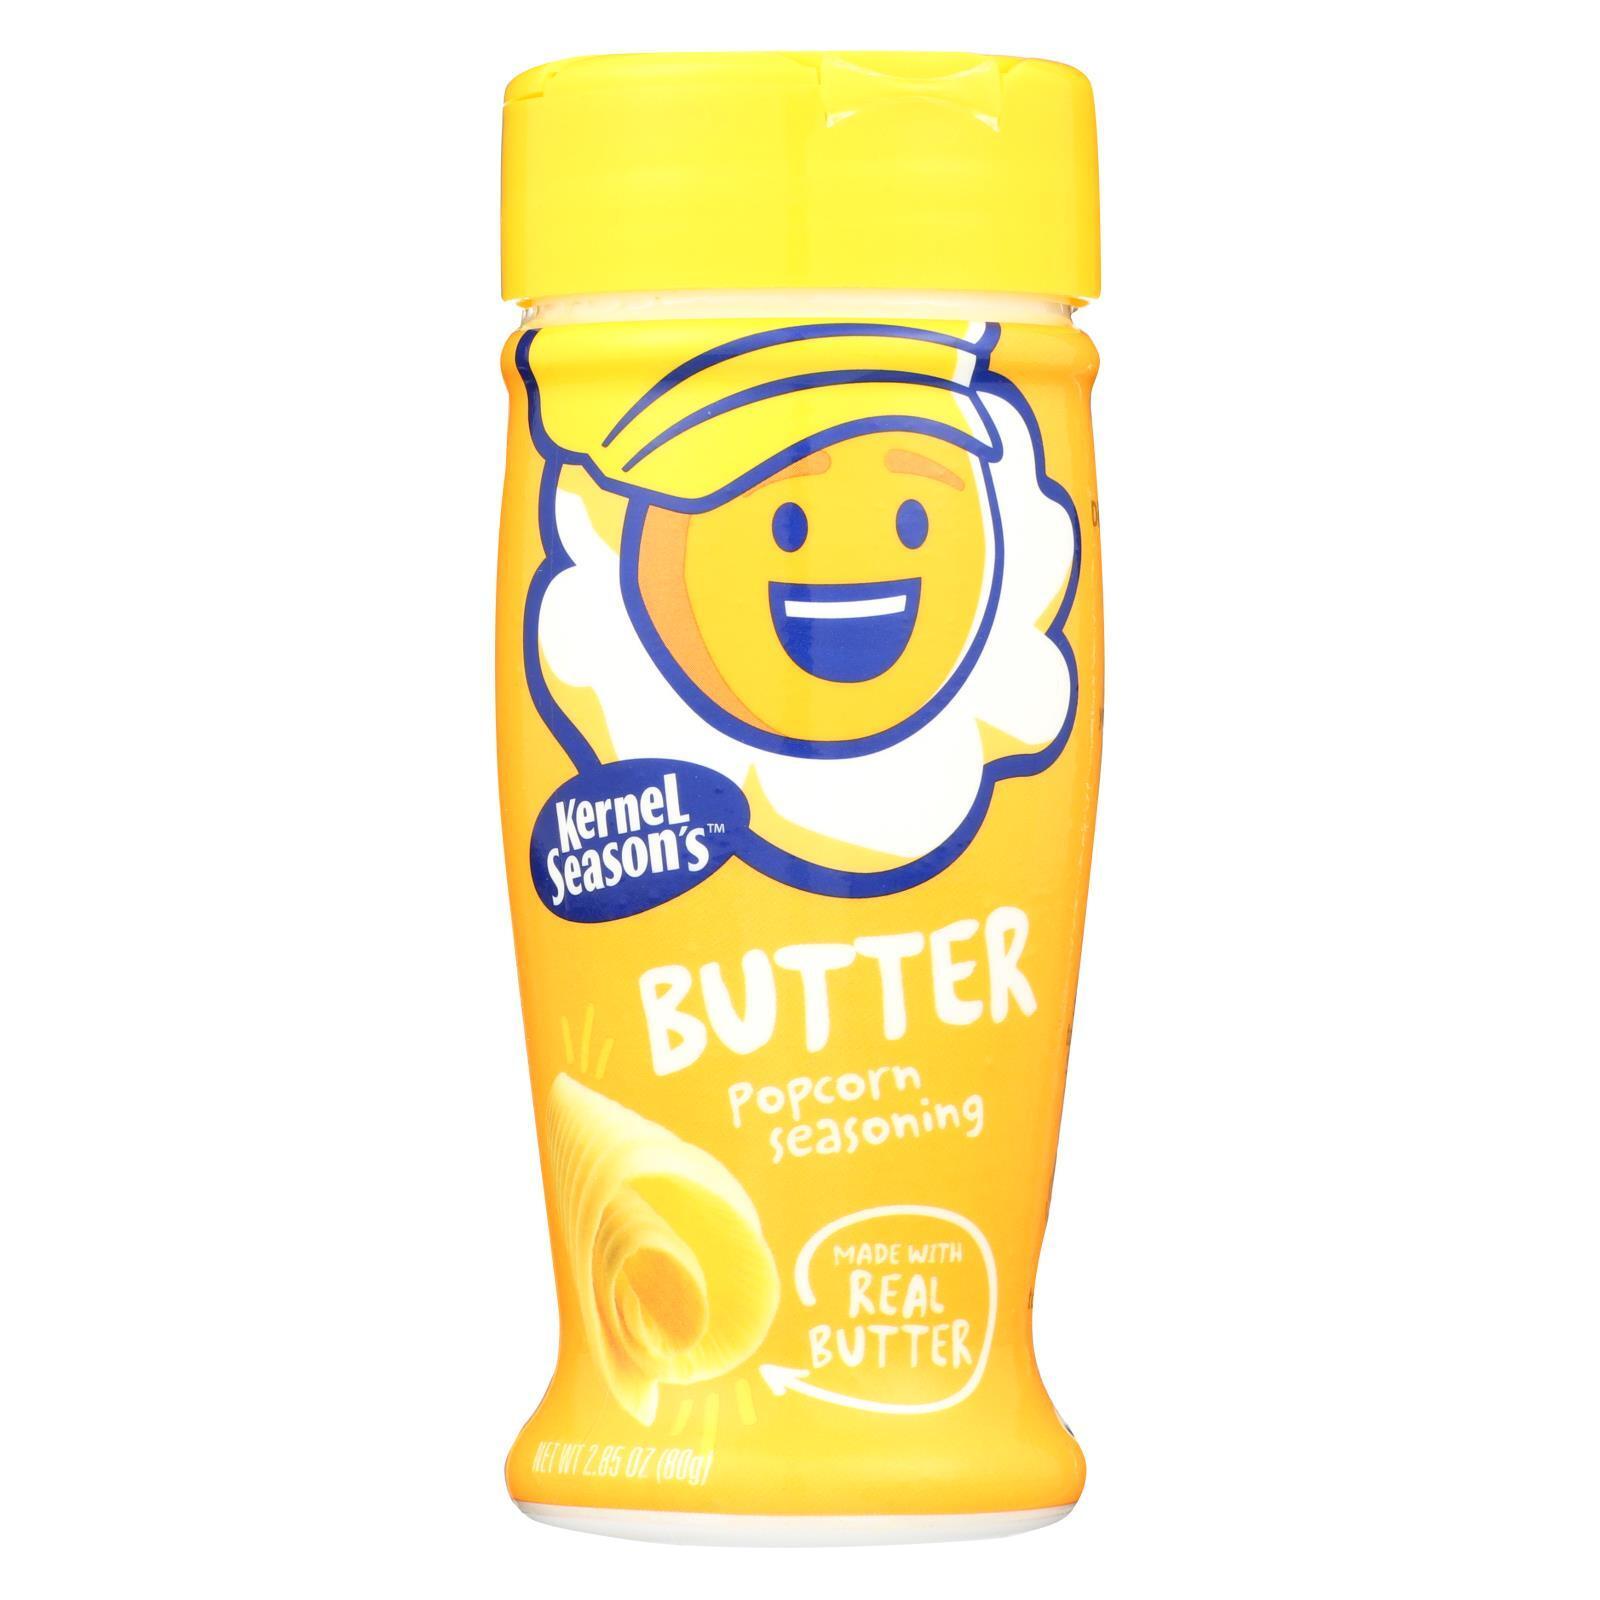 Kernel Seasons Popcorn Seasoning - Butter - Case of 6 - 2.85 oz.